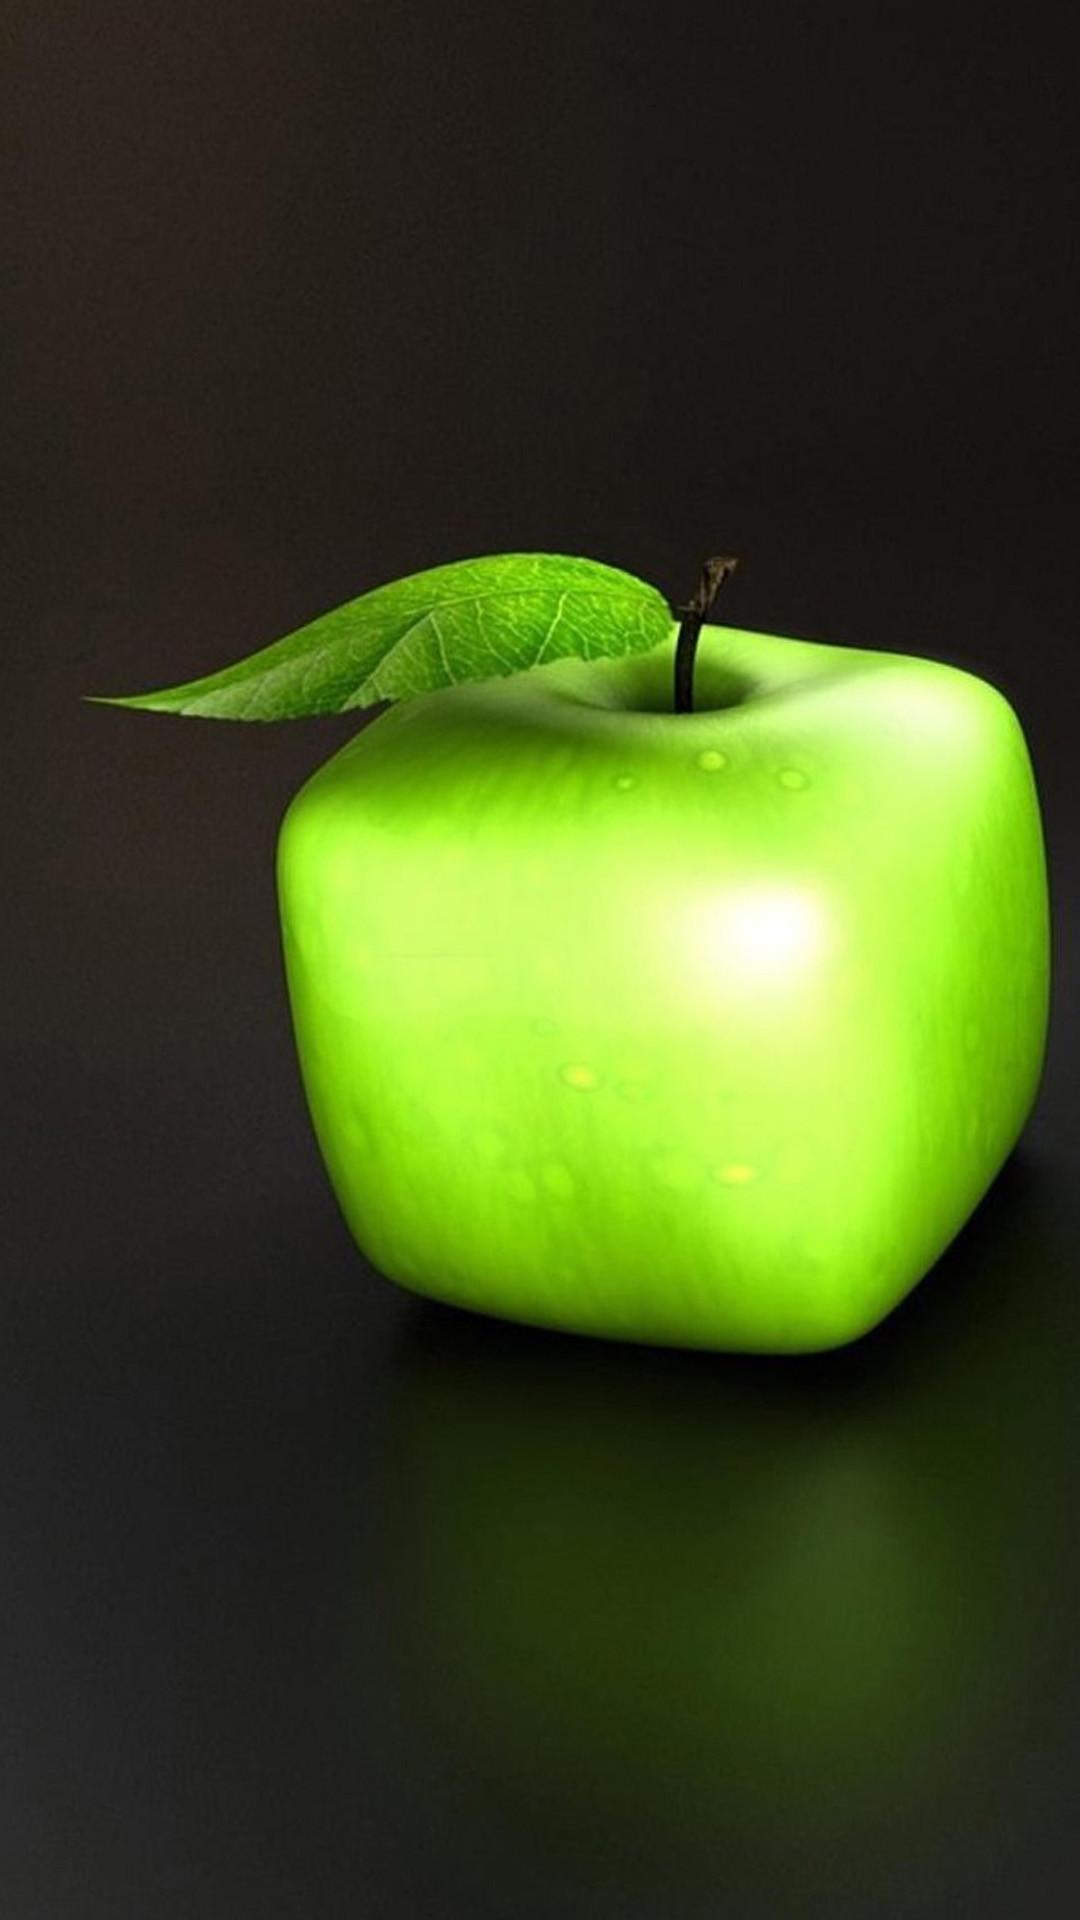 Res: 1080x1920, 3D Apple iPhone 7 Wallpaper